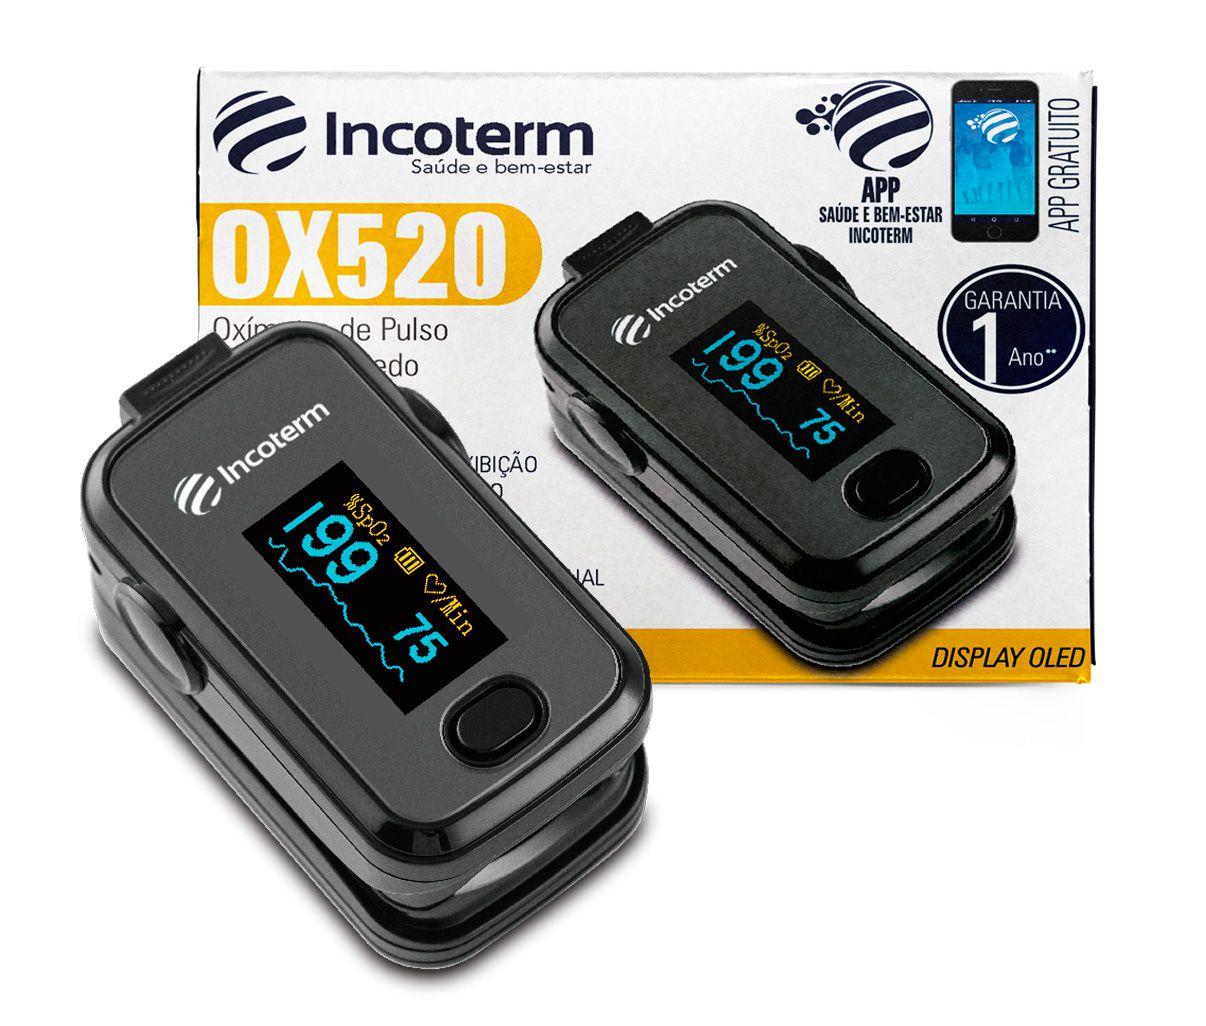 Oxímetro de Pulso Incoterm Monitor de Dedo OX520